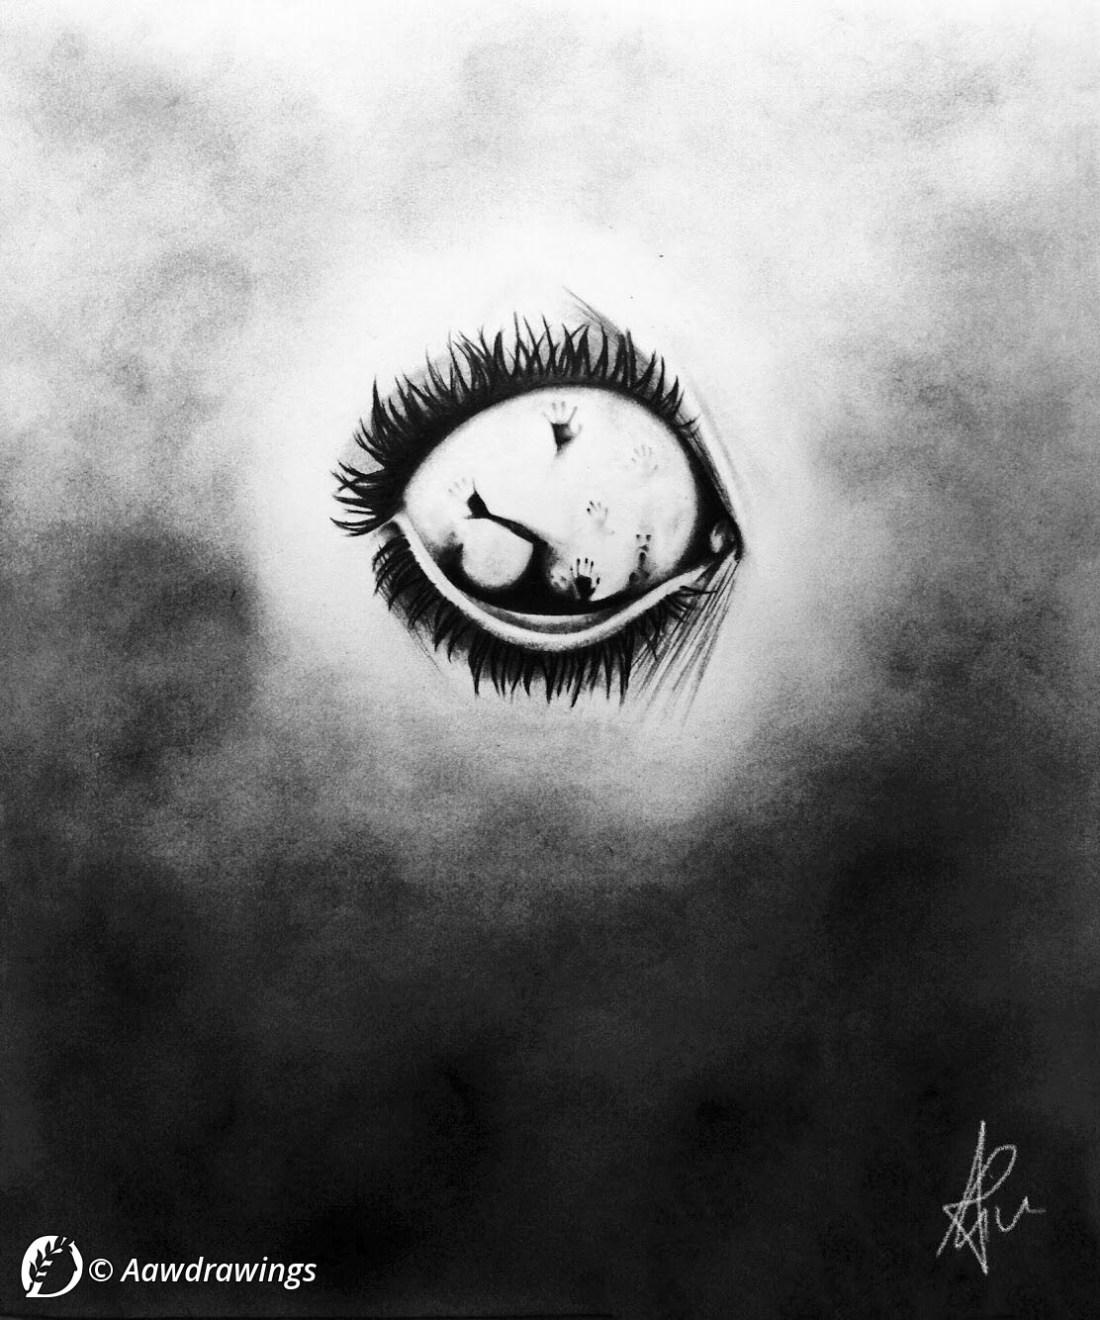 """Dantebus - """"Demons"""" Aawdrawings"""